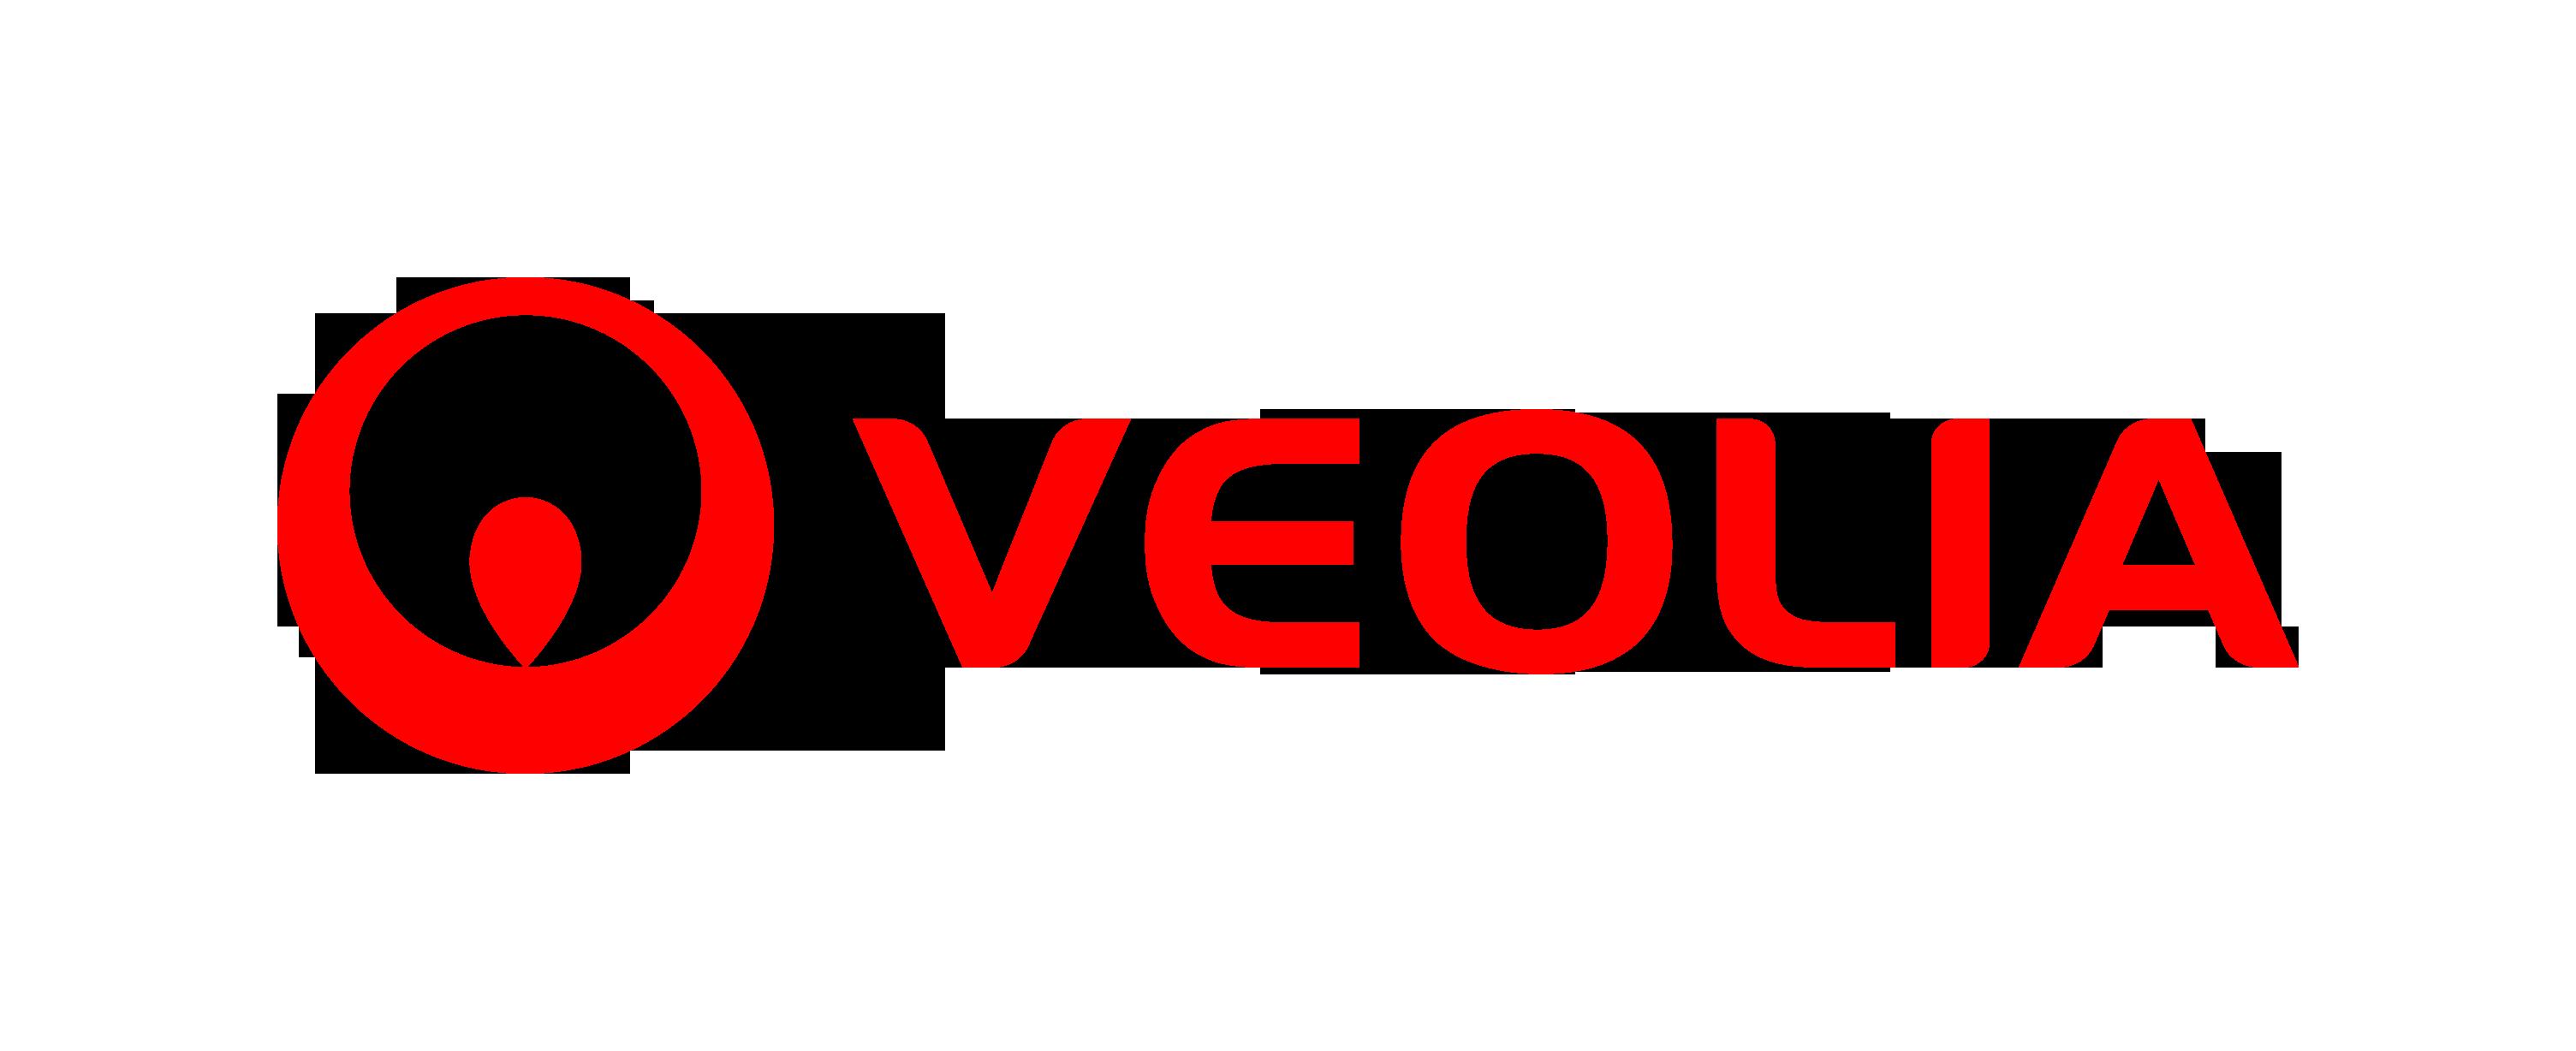 """Résultat de recherche d'images pour """"VEOLIA"""""""